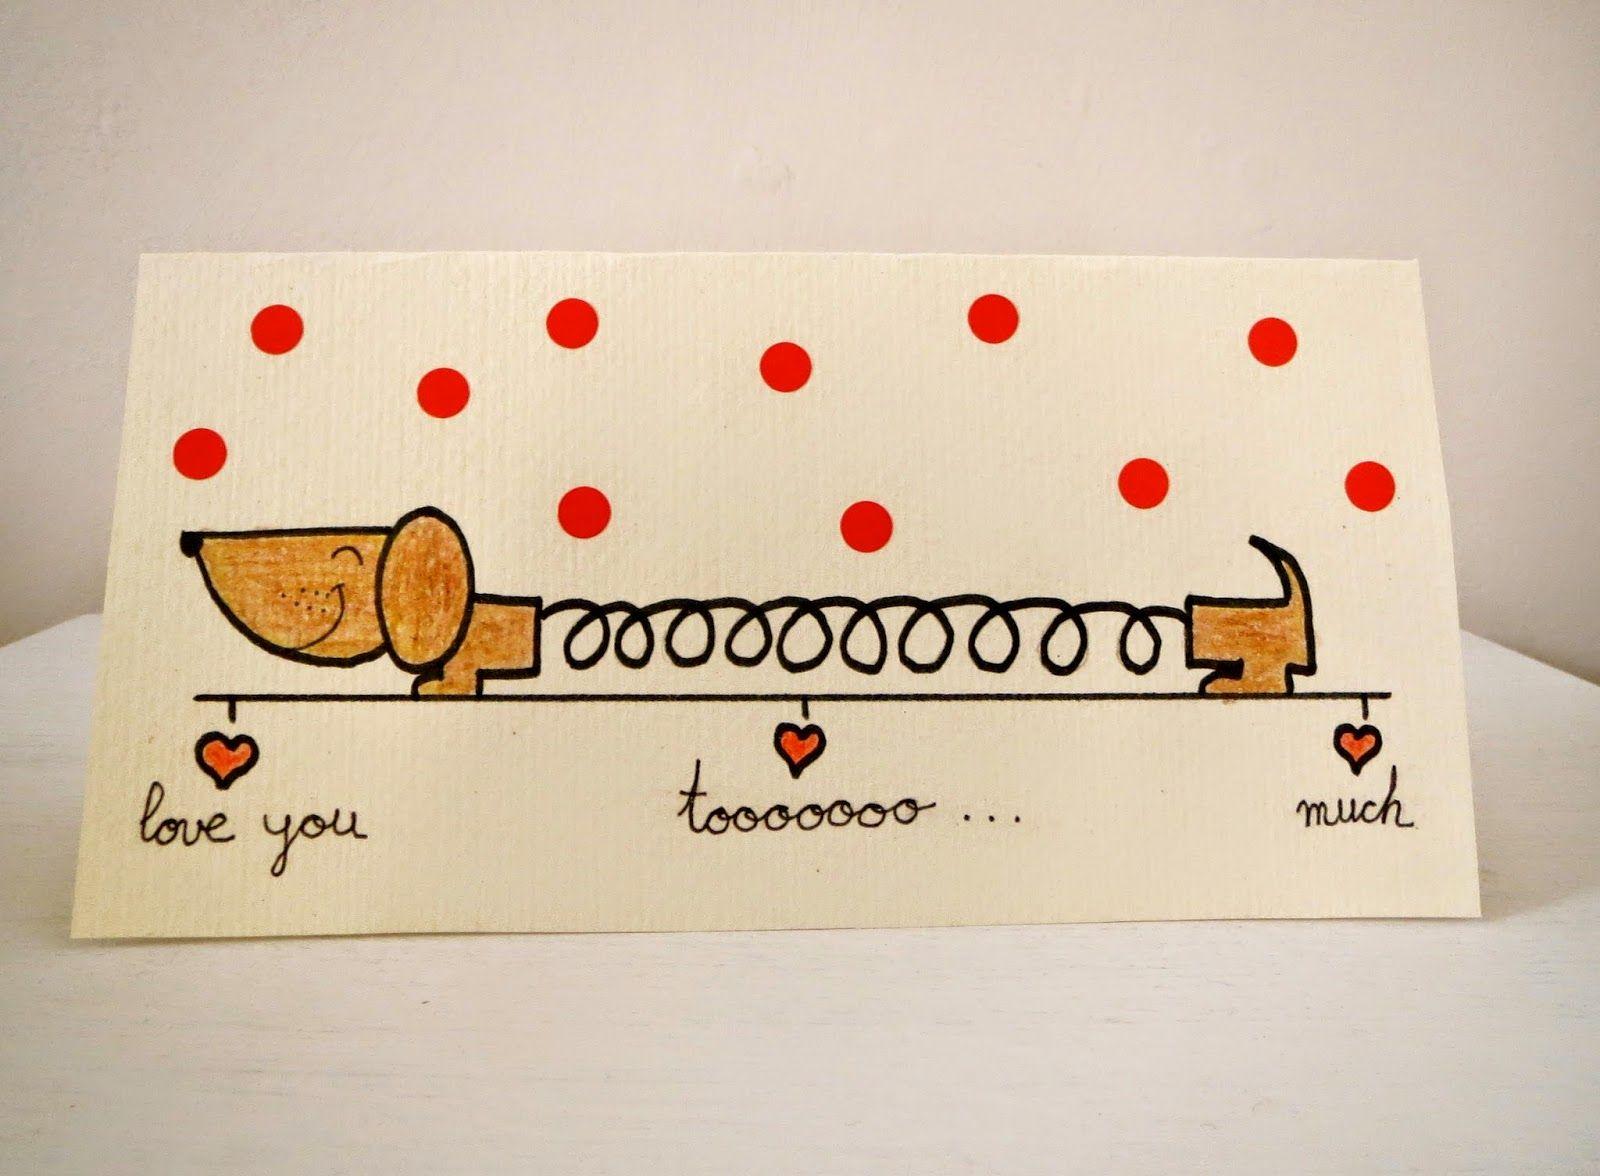 Diy tarjetas para san valent n y cumplea os san - Sorpresas para san valentin originales ...